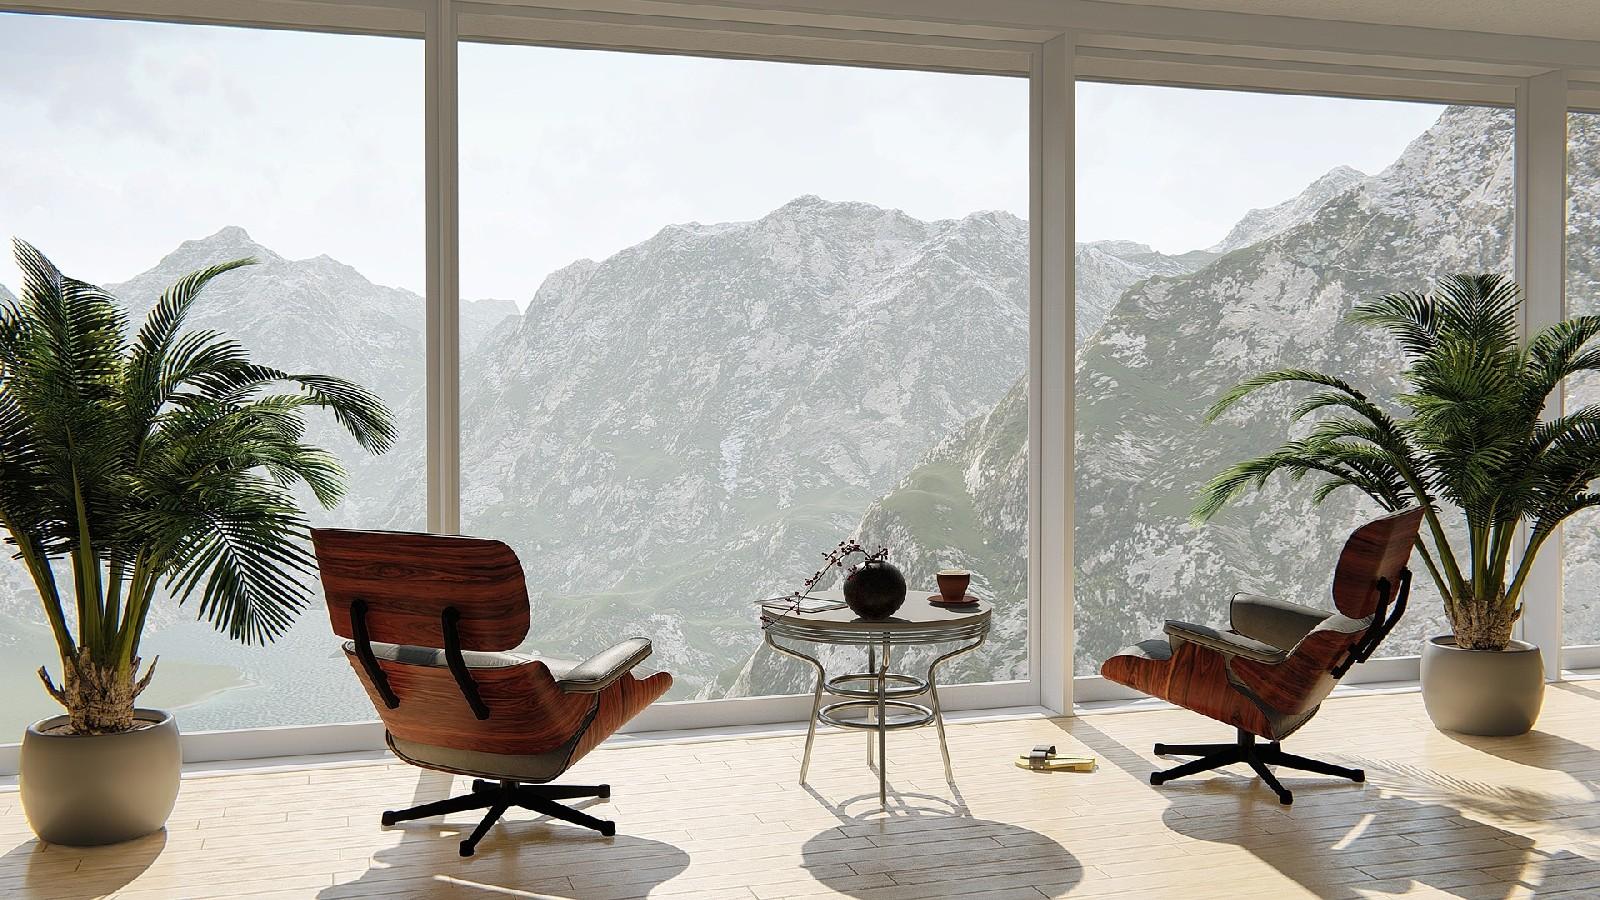 Nowoczesne wnętrza ze ścianami okien